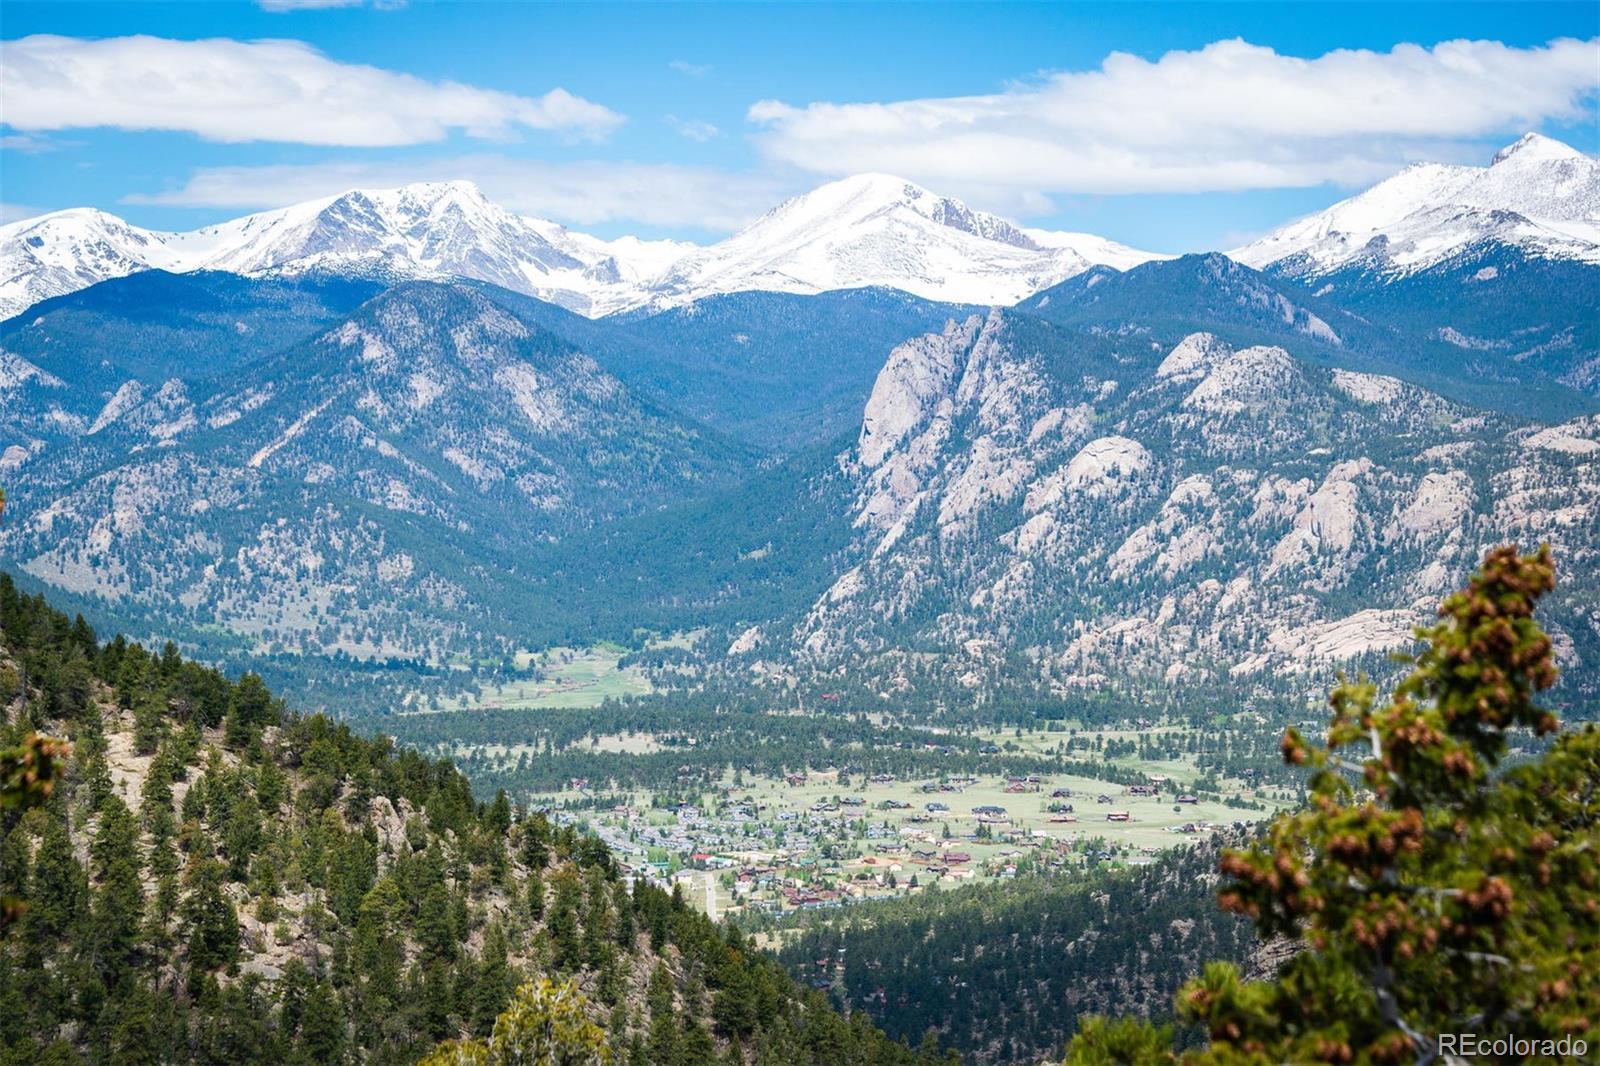 127 Alpine Drive, Estes Park, CO 80517 - Estes Park, CO real estate listing